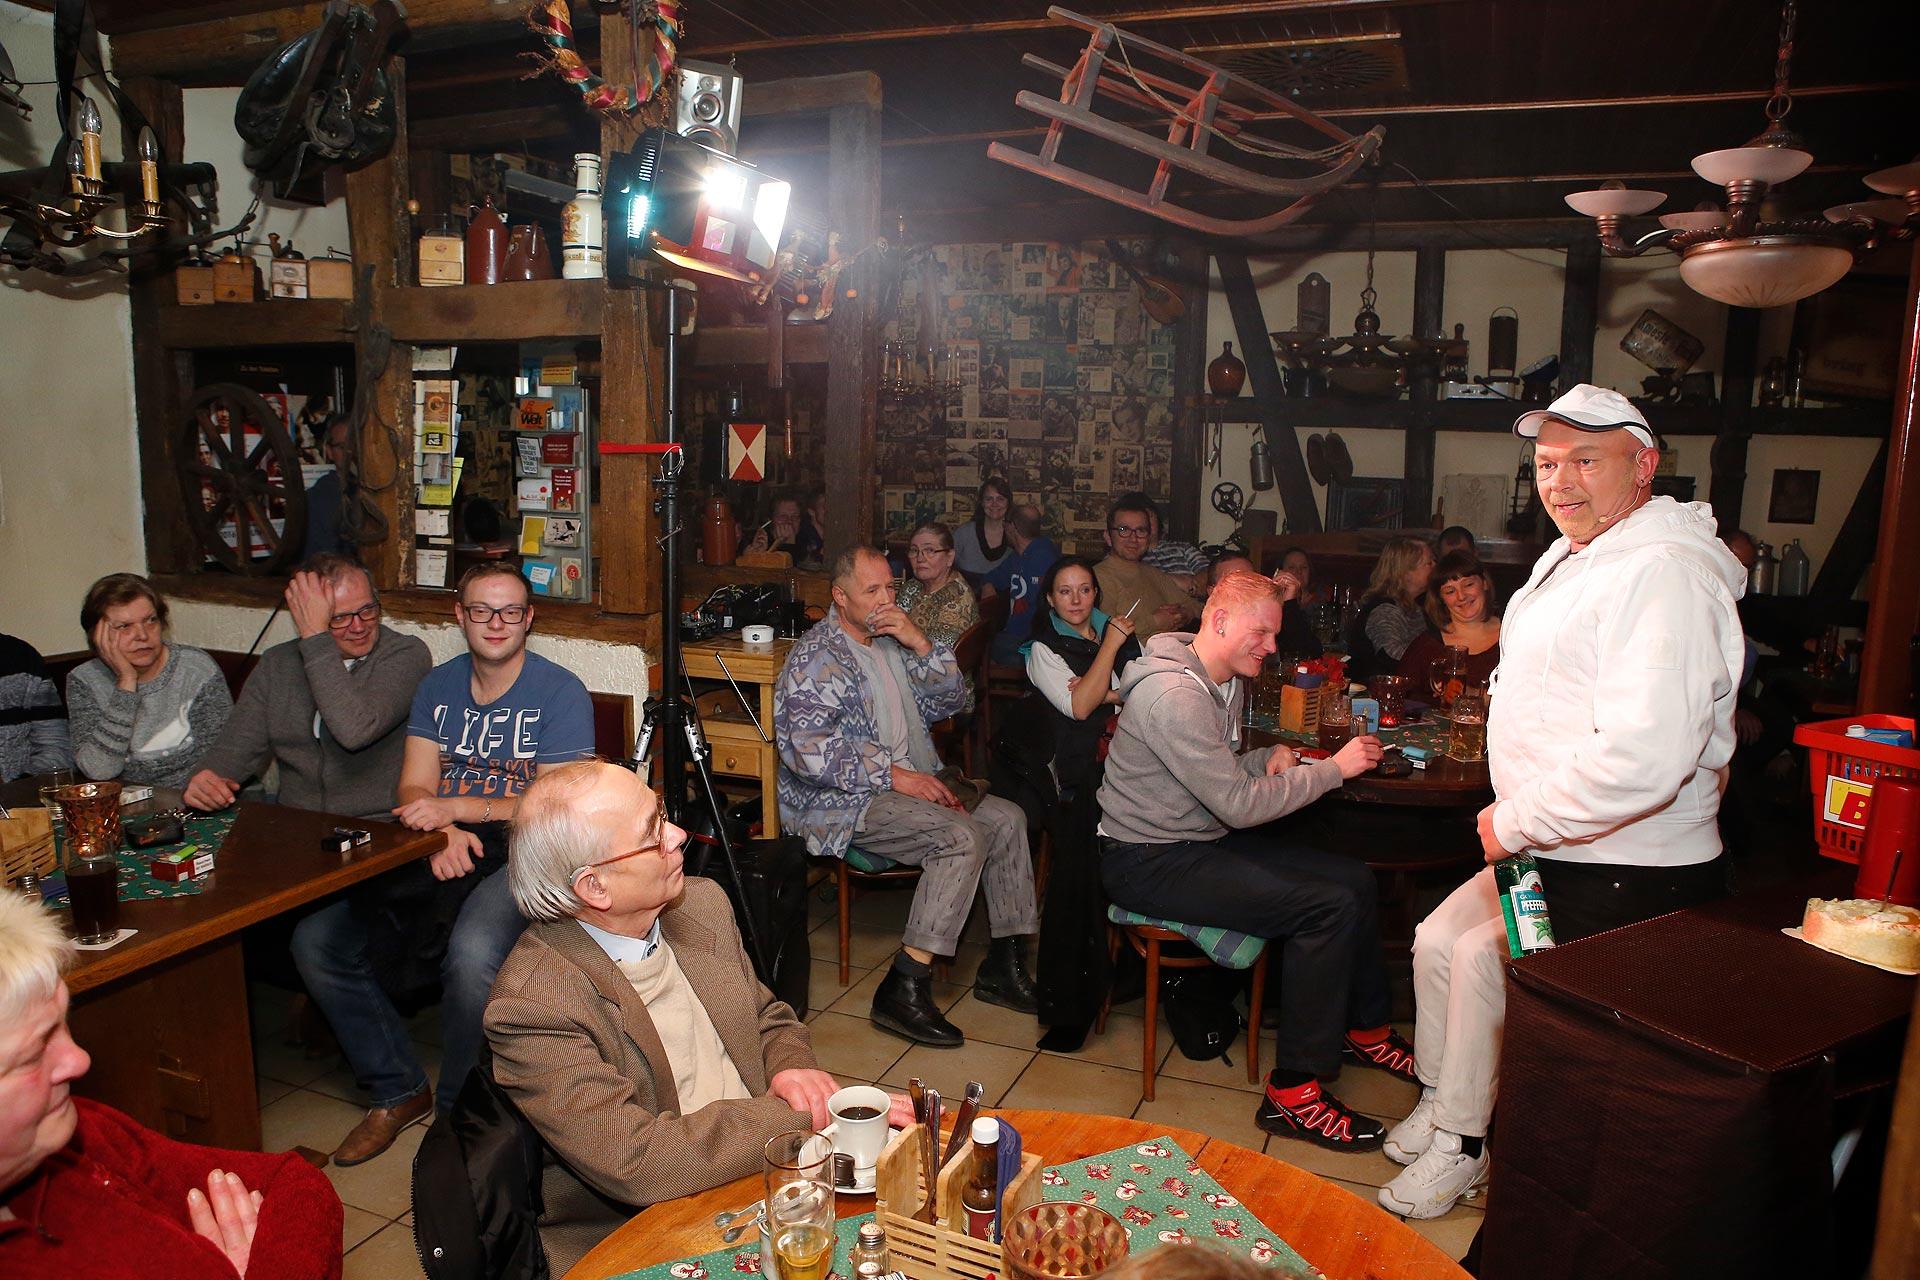 Kabarettist Olaf Schmidt bei seinem Auftritt in der Tenne